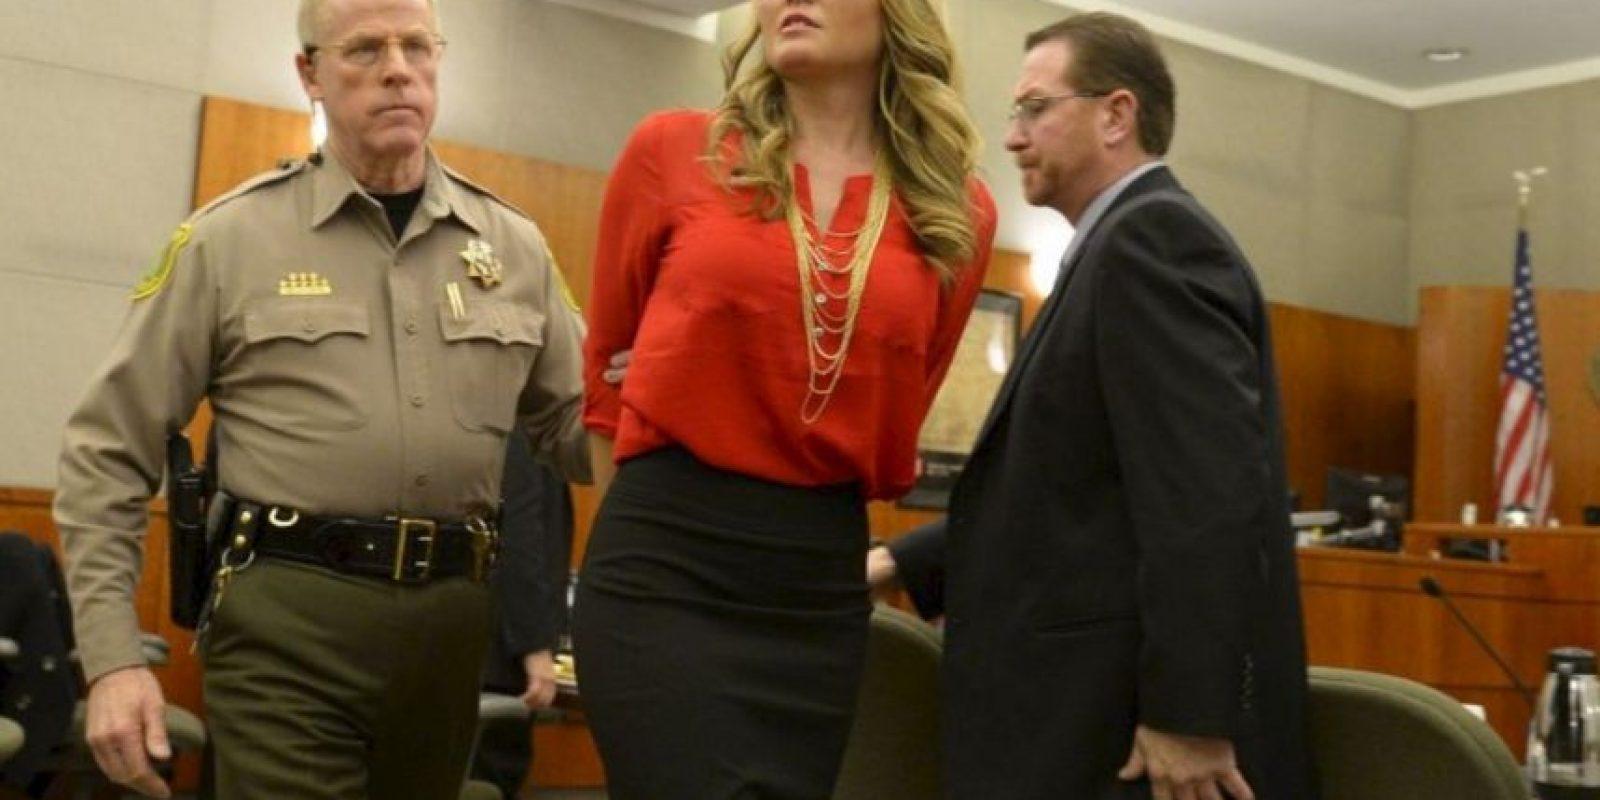 Incluso le escribió una carta al juez Thomas Kay. Foto: AP. Imagen Por: